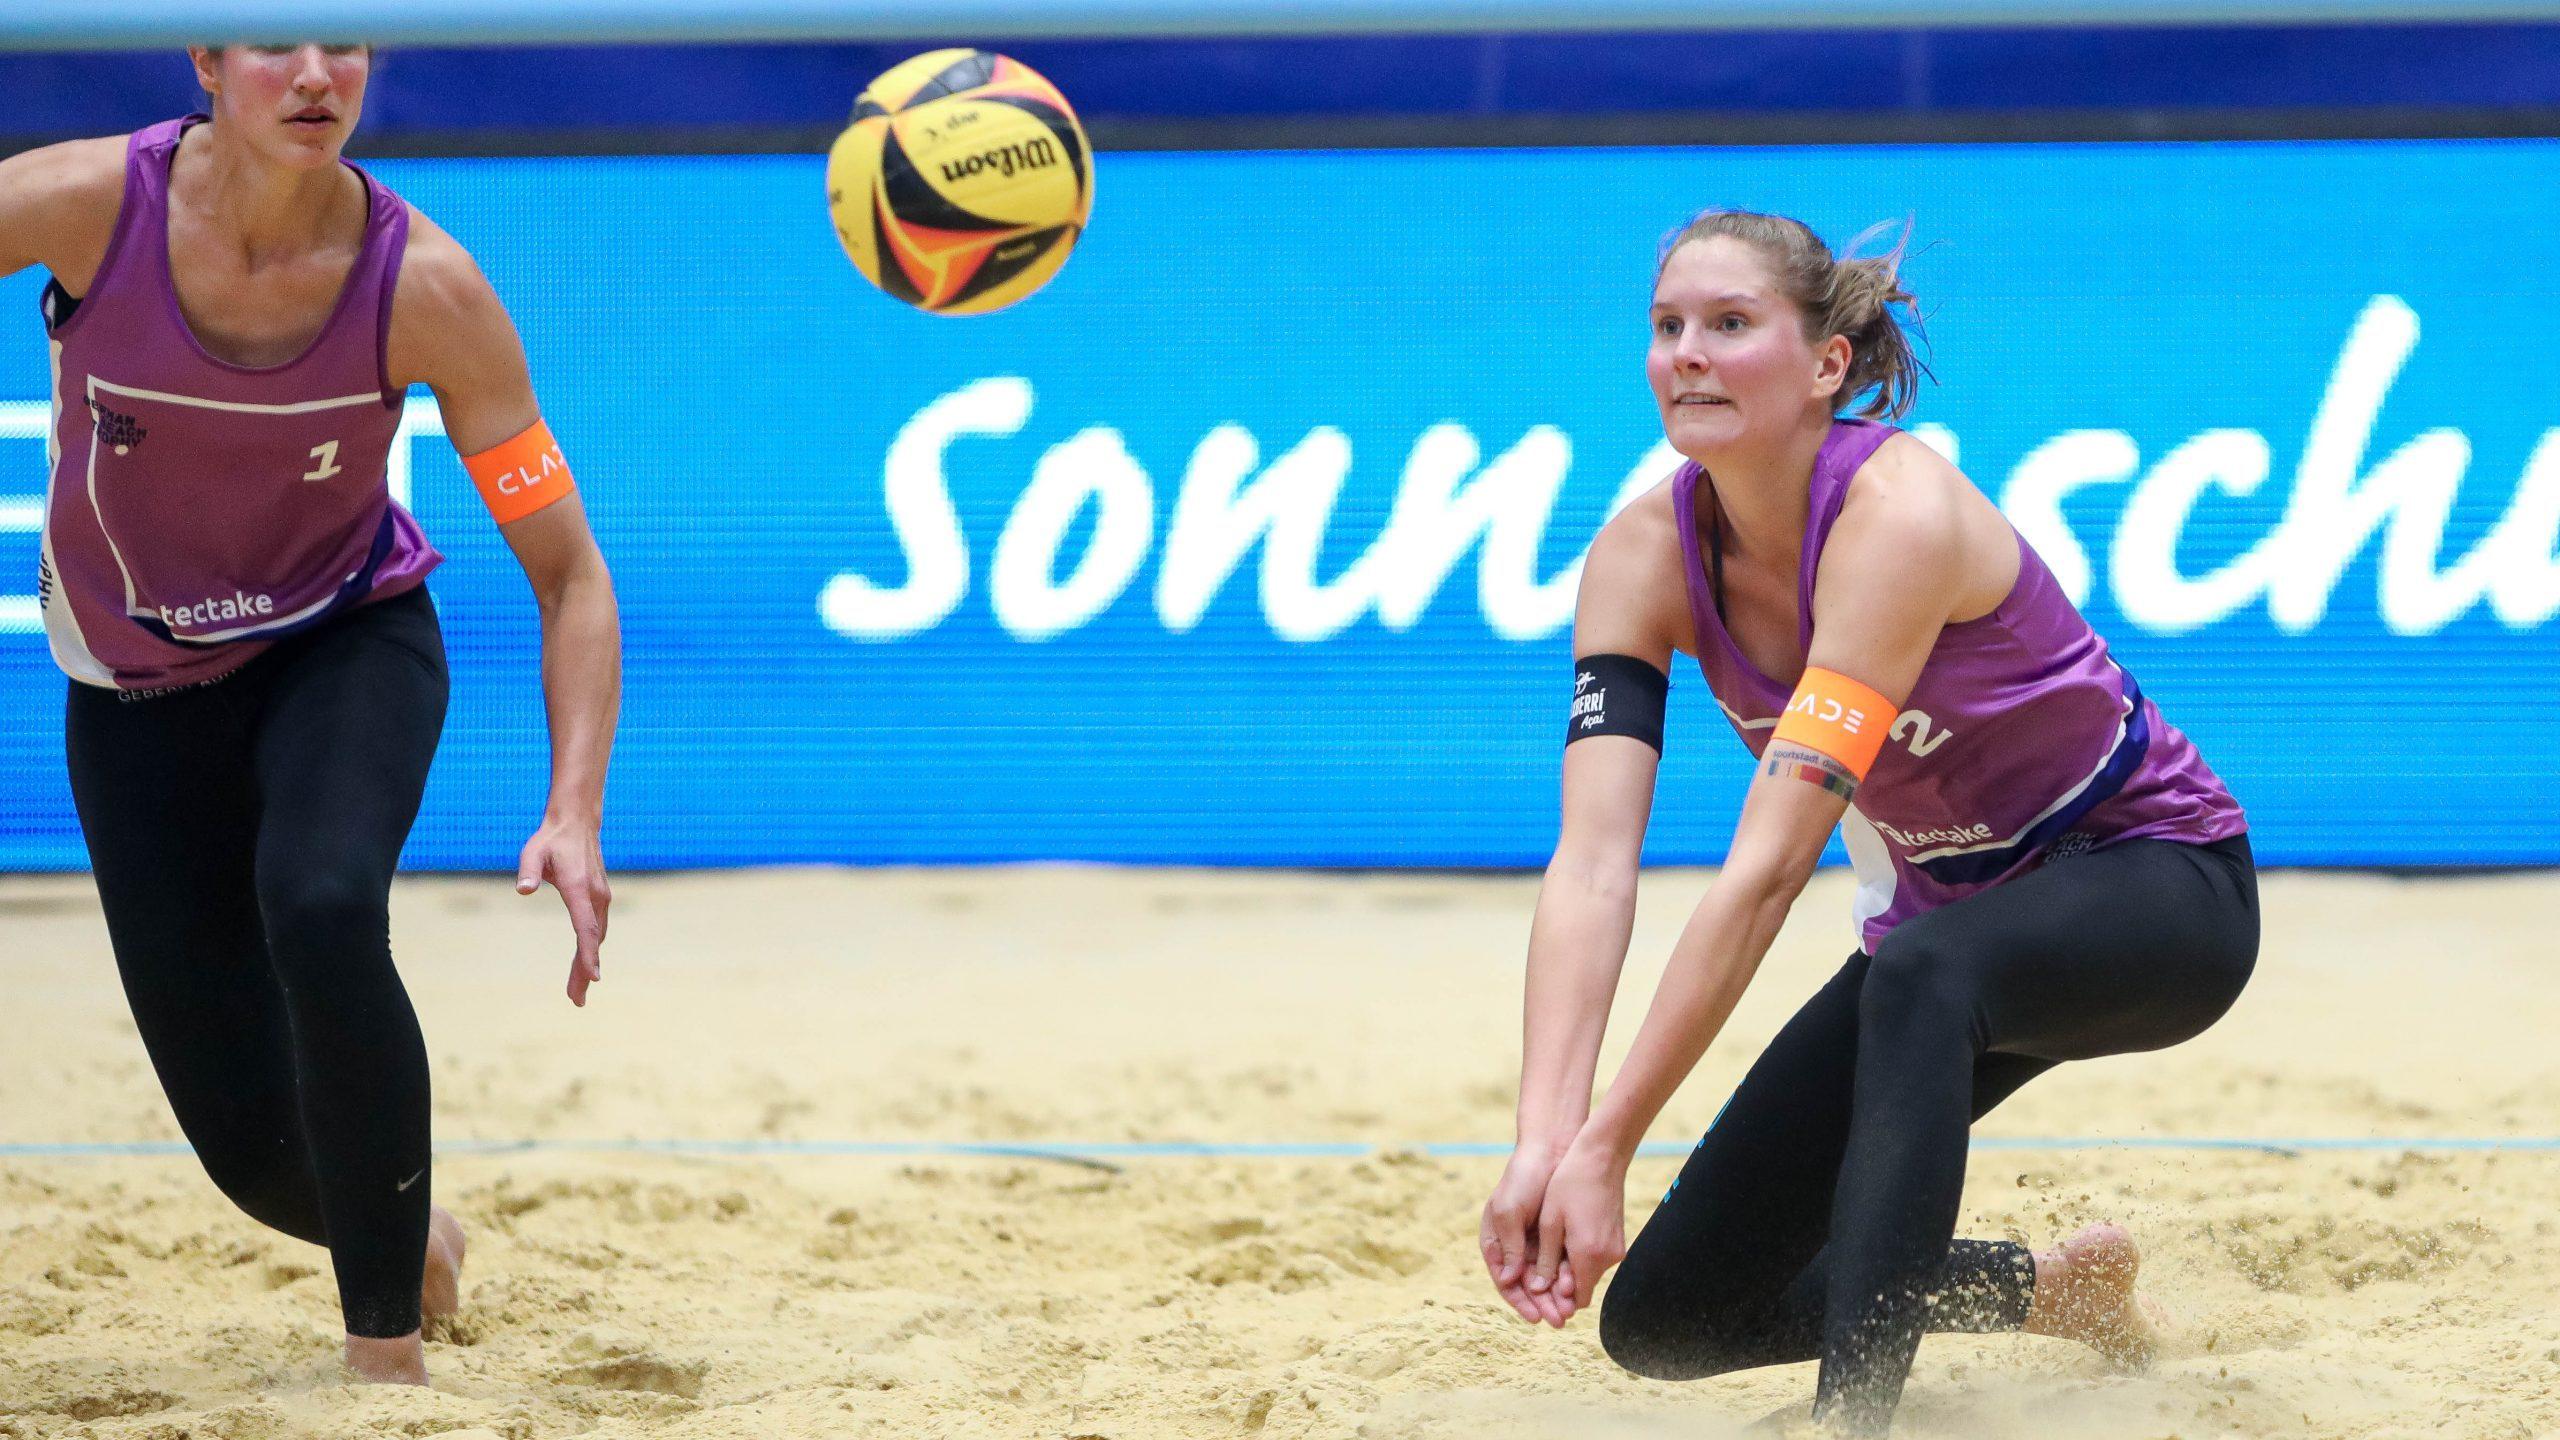 Gewitter stoppt Sarah Schulz*Beachvolleyball: Abbruch in Königs Wusterhausen